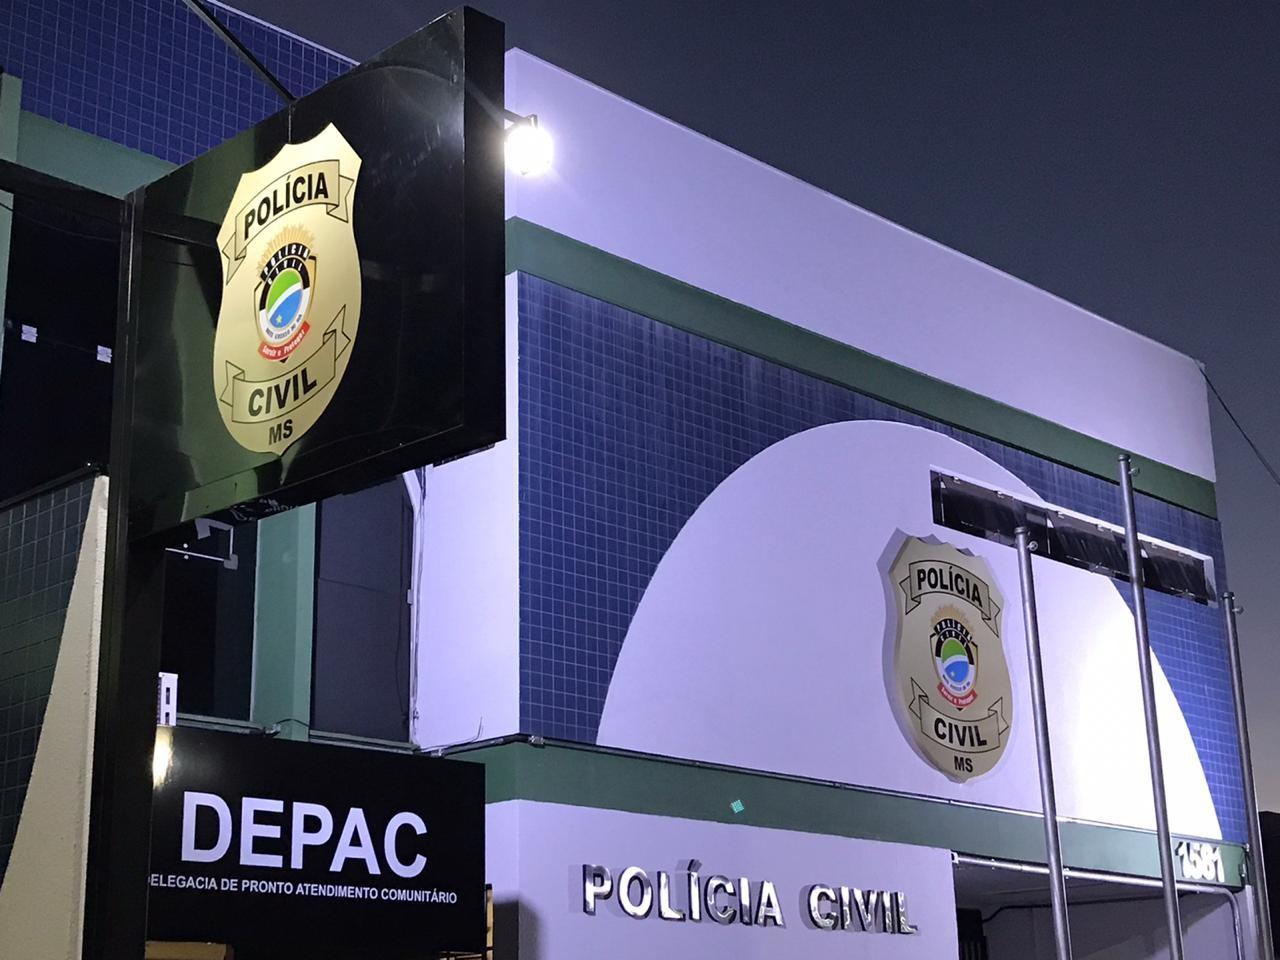 Família é rendida por homens ao chegar em casa, mãe é sequestrada e liberada depois de resgate de R$ 18 mil